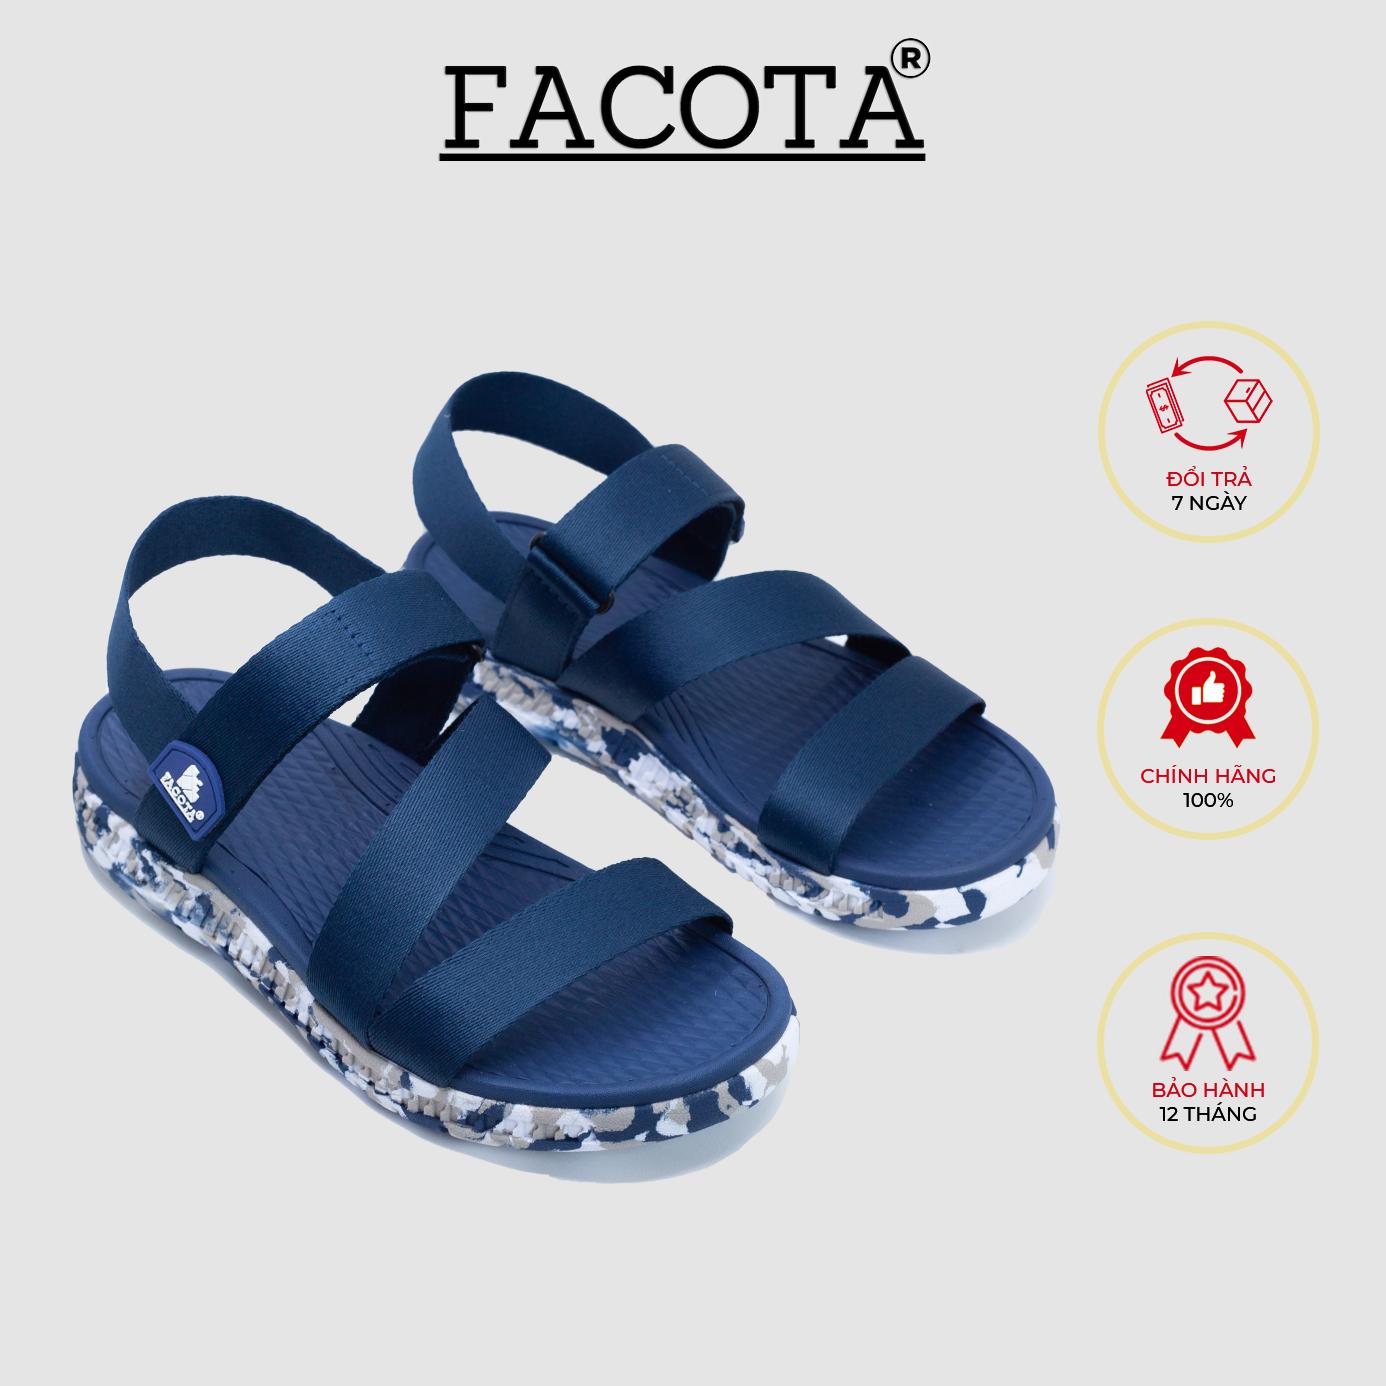 Giày sandal nam Facota HA14 chính hãng sandal thể thao quai dù